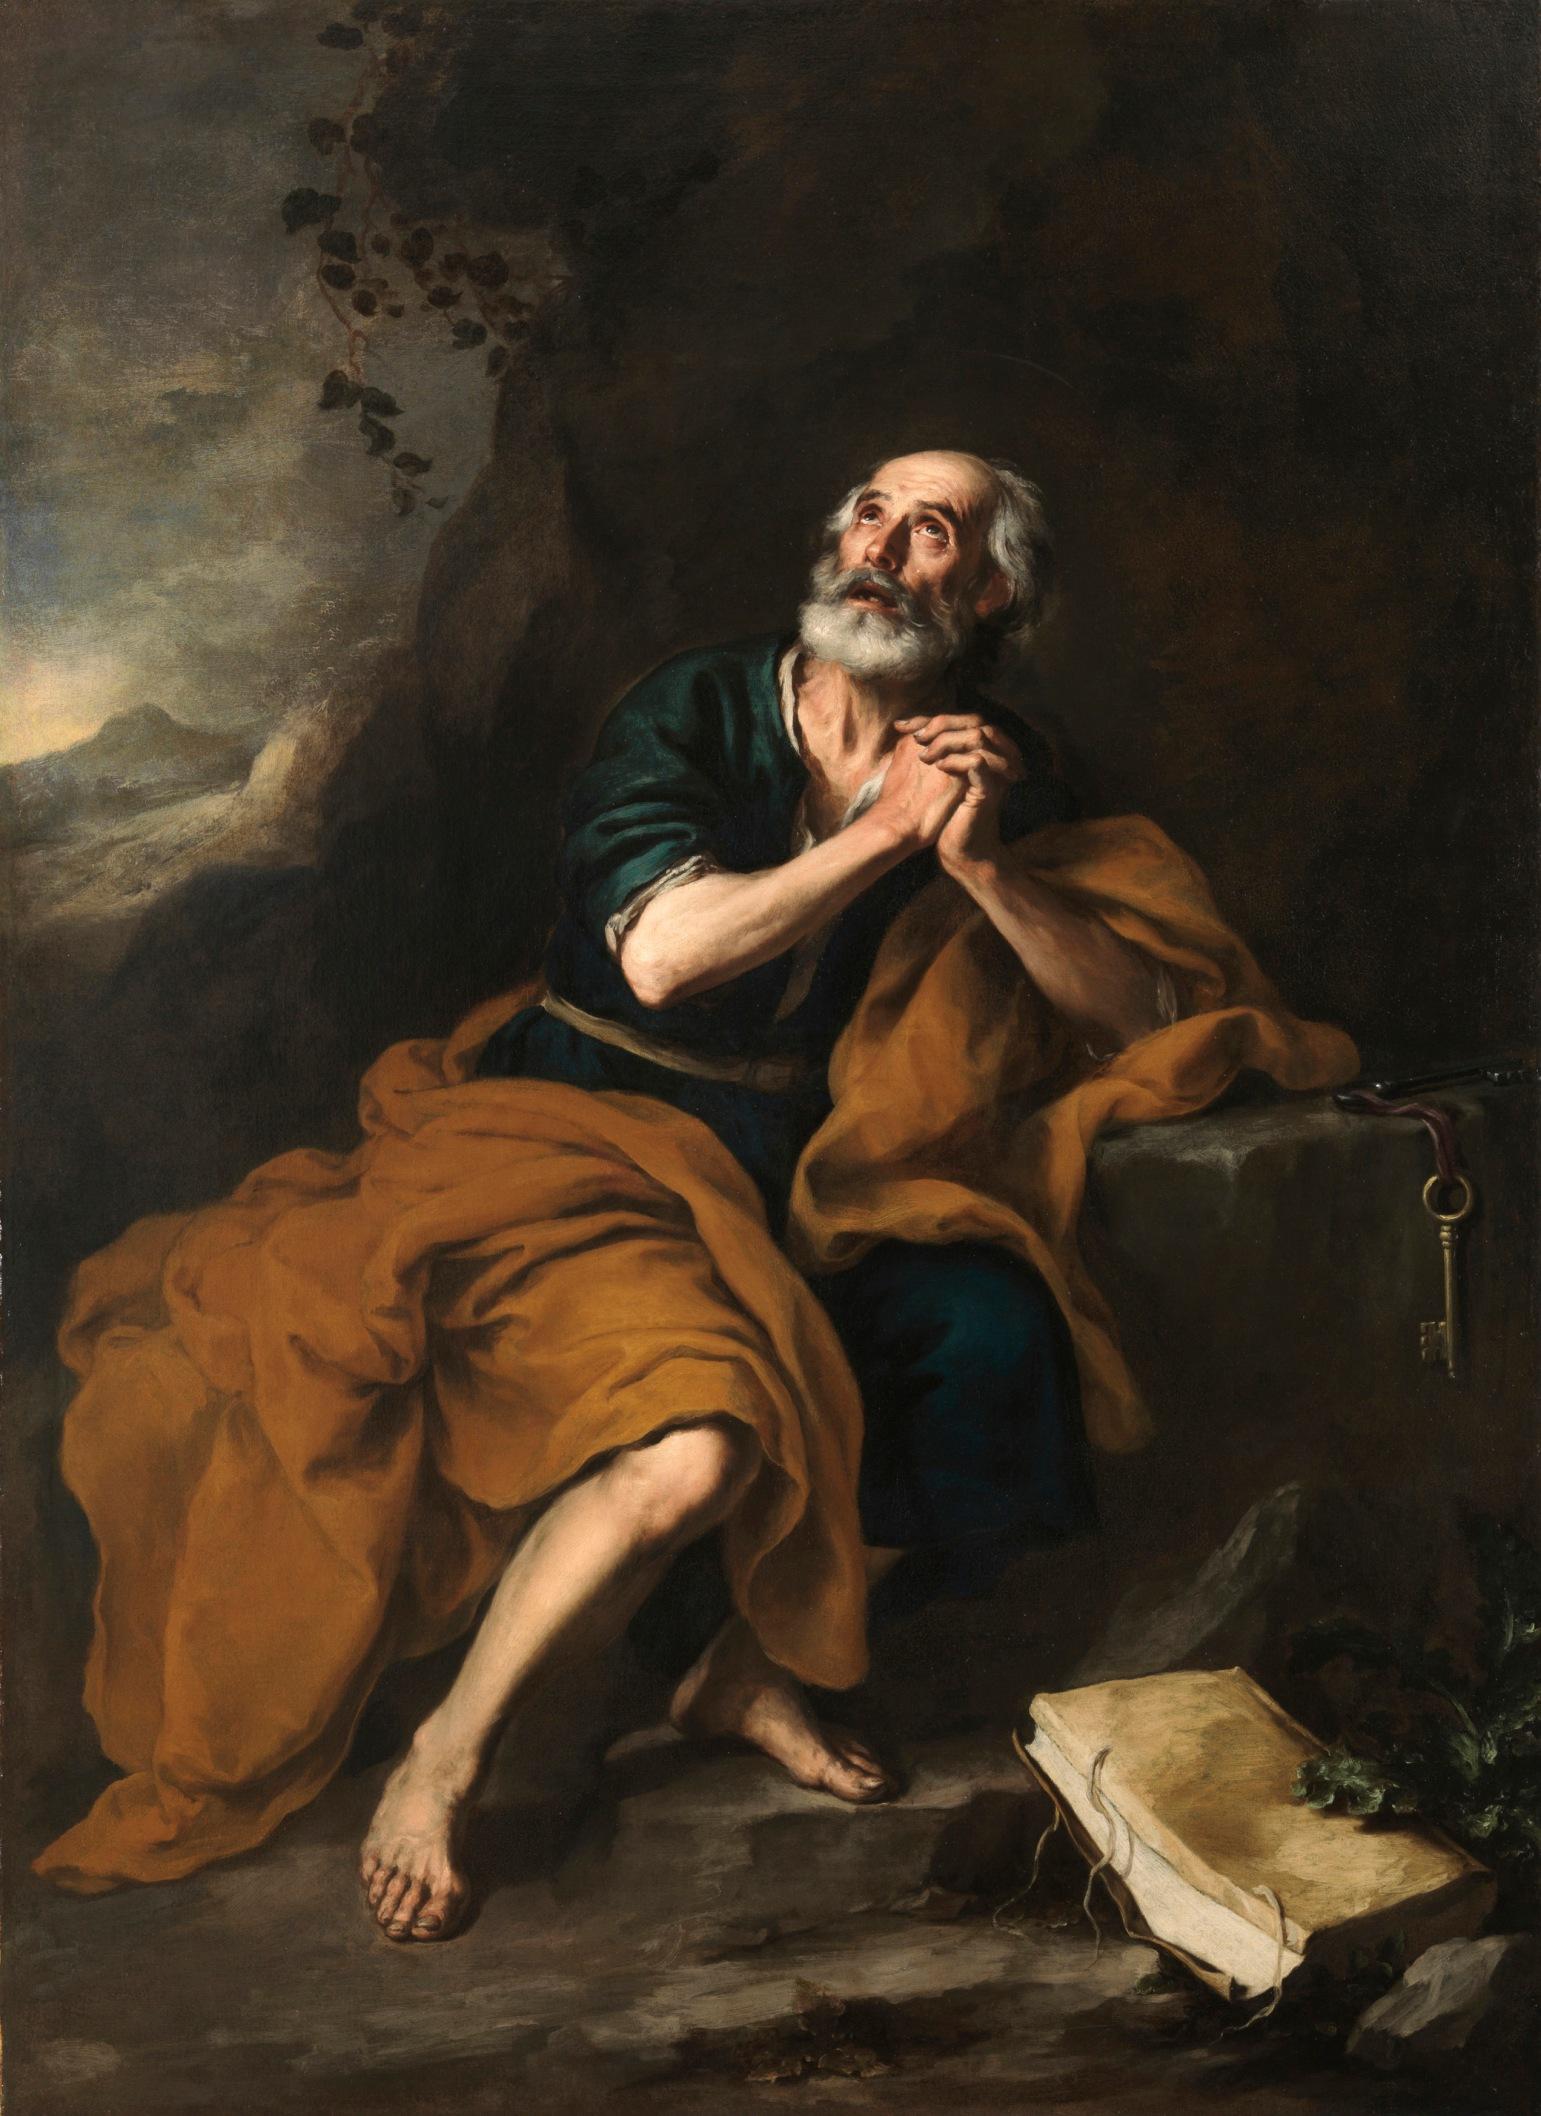 San Pedro penitente. 1665-1670. Bartolomé Esteban Murillo. Fundación Fondo de Cultura de Sevilla (Focus)